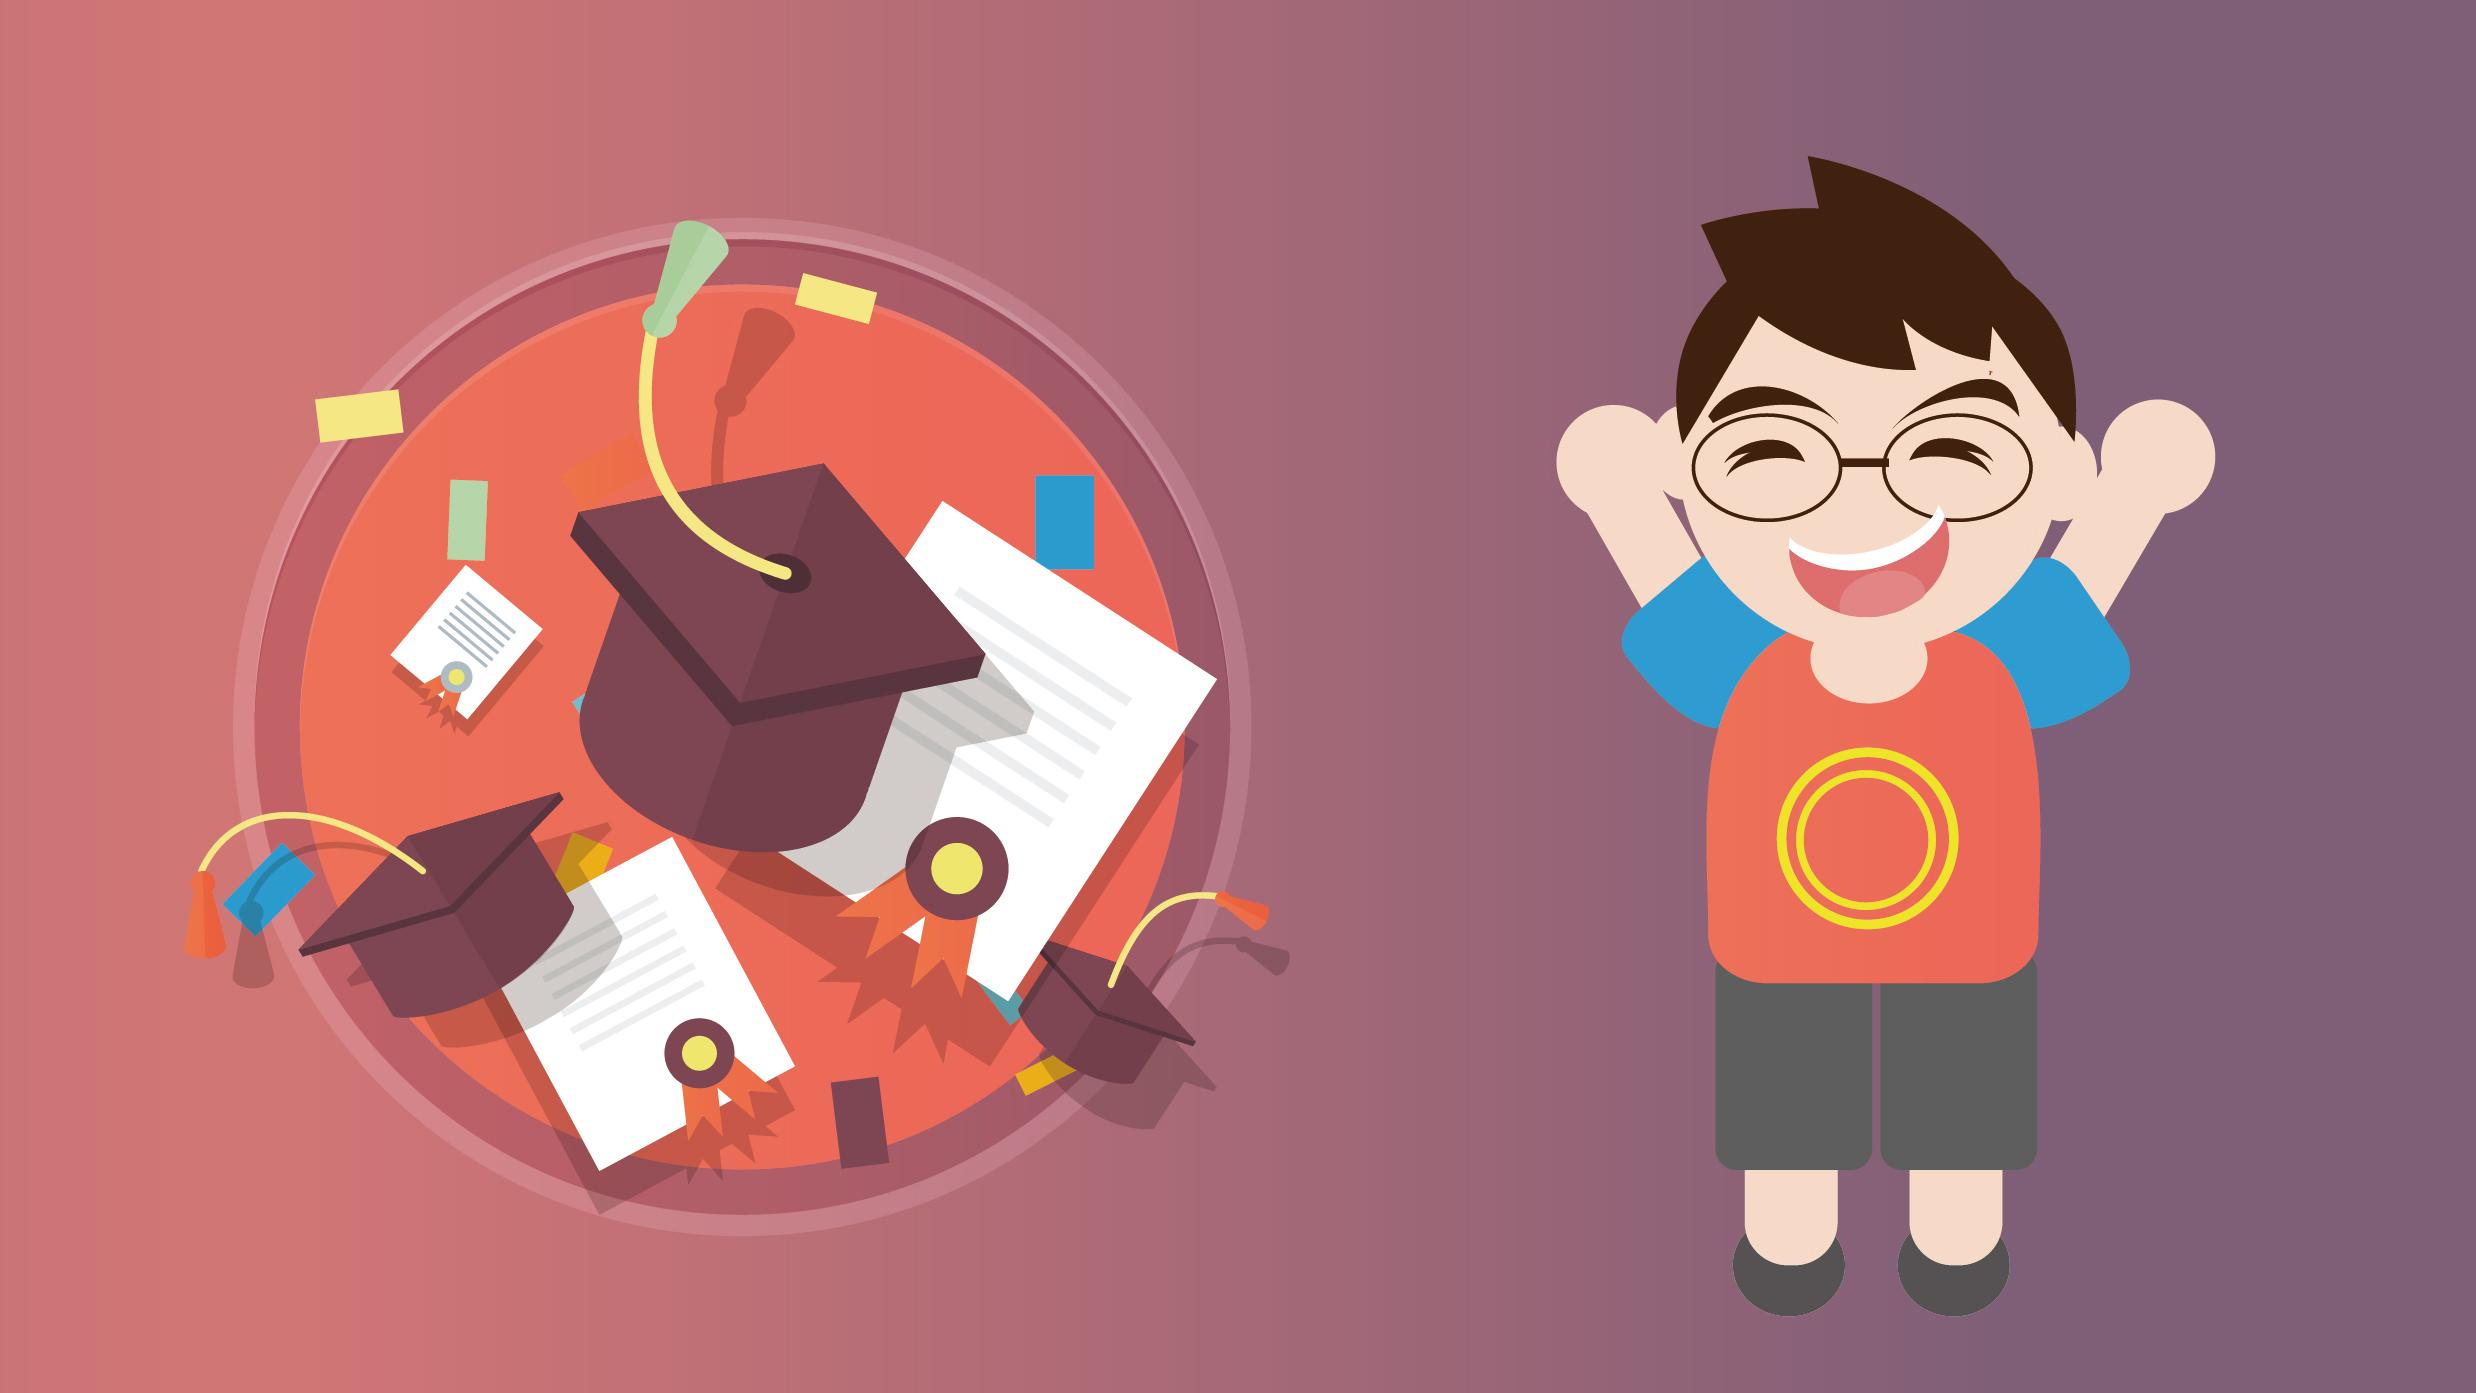 期末成绩出来后,聪明家长应该做这3件事,孩子受益下学期!